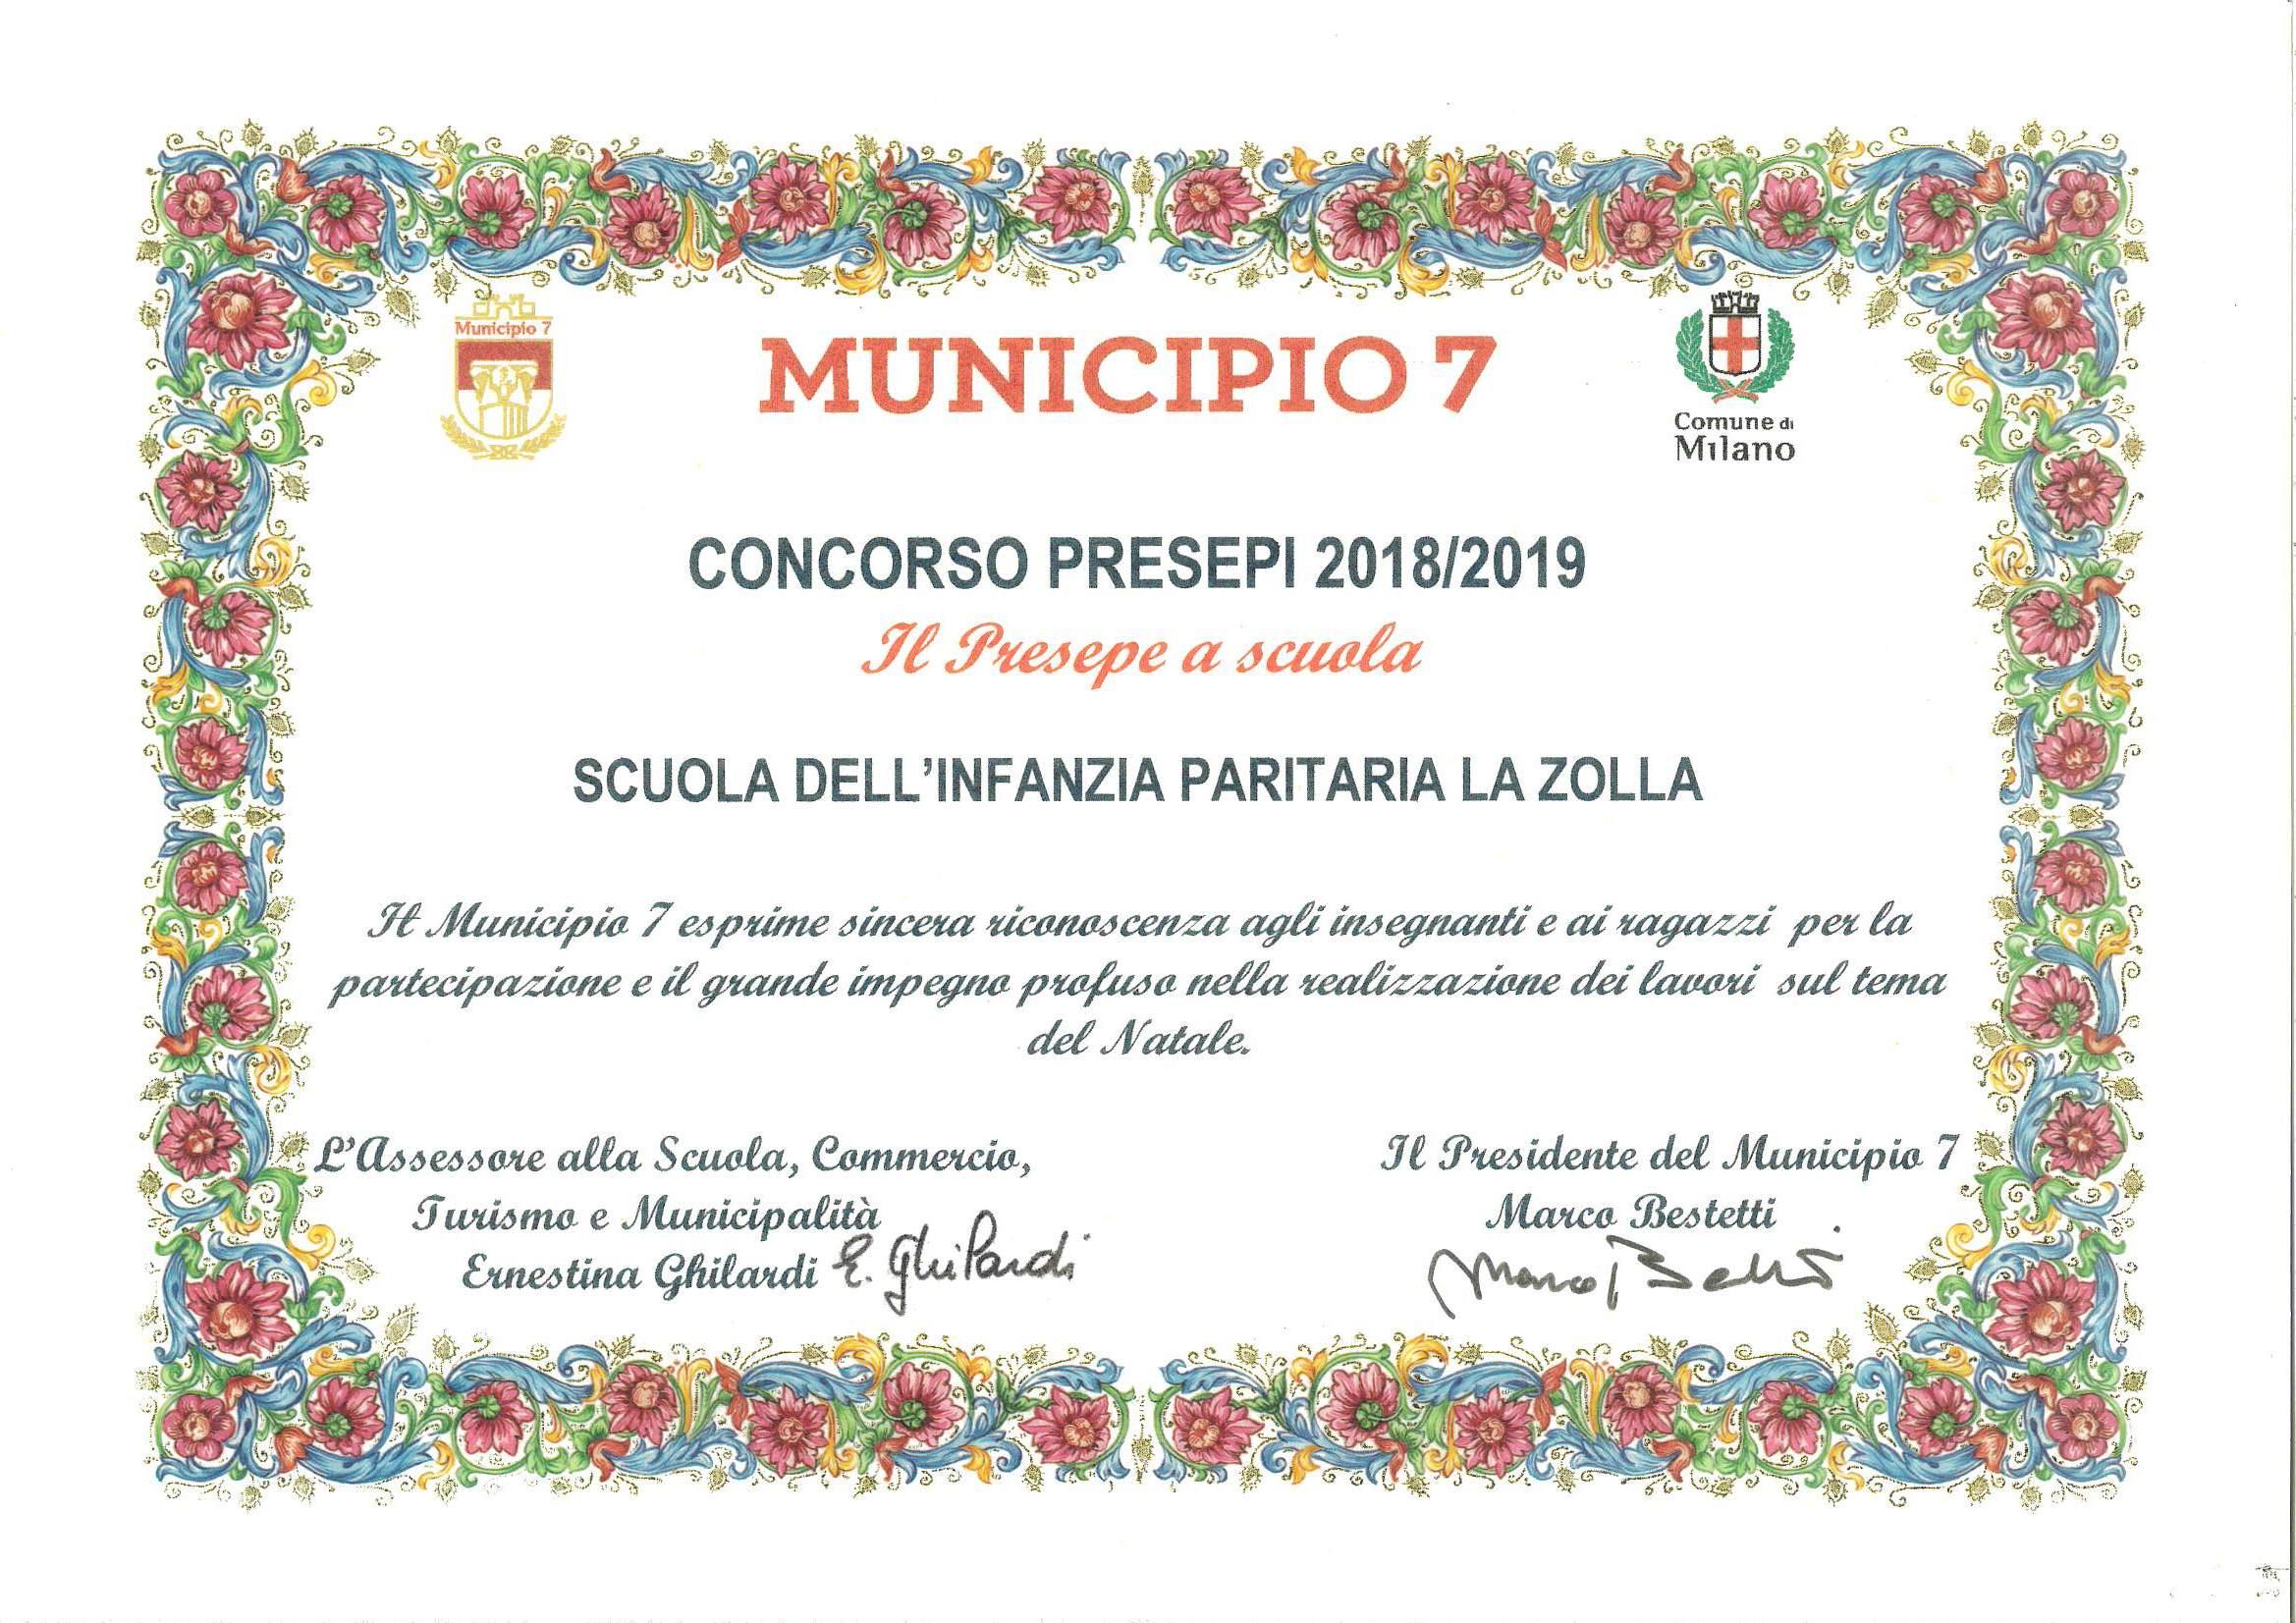 concorso presepe Municipio 7